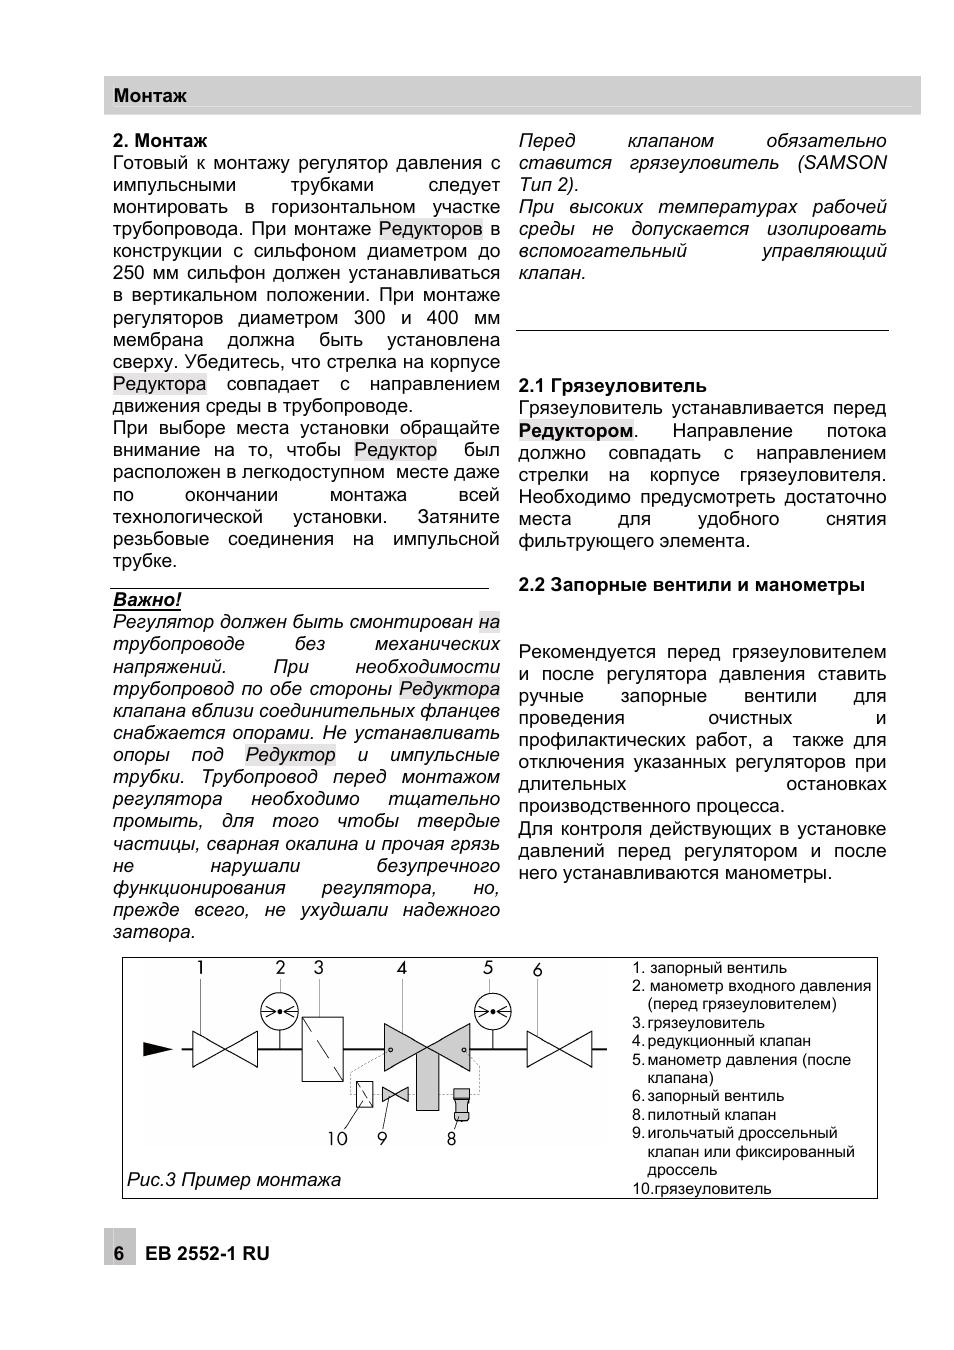 Регулятор давления Т 2552 тип 2333